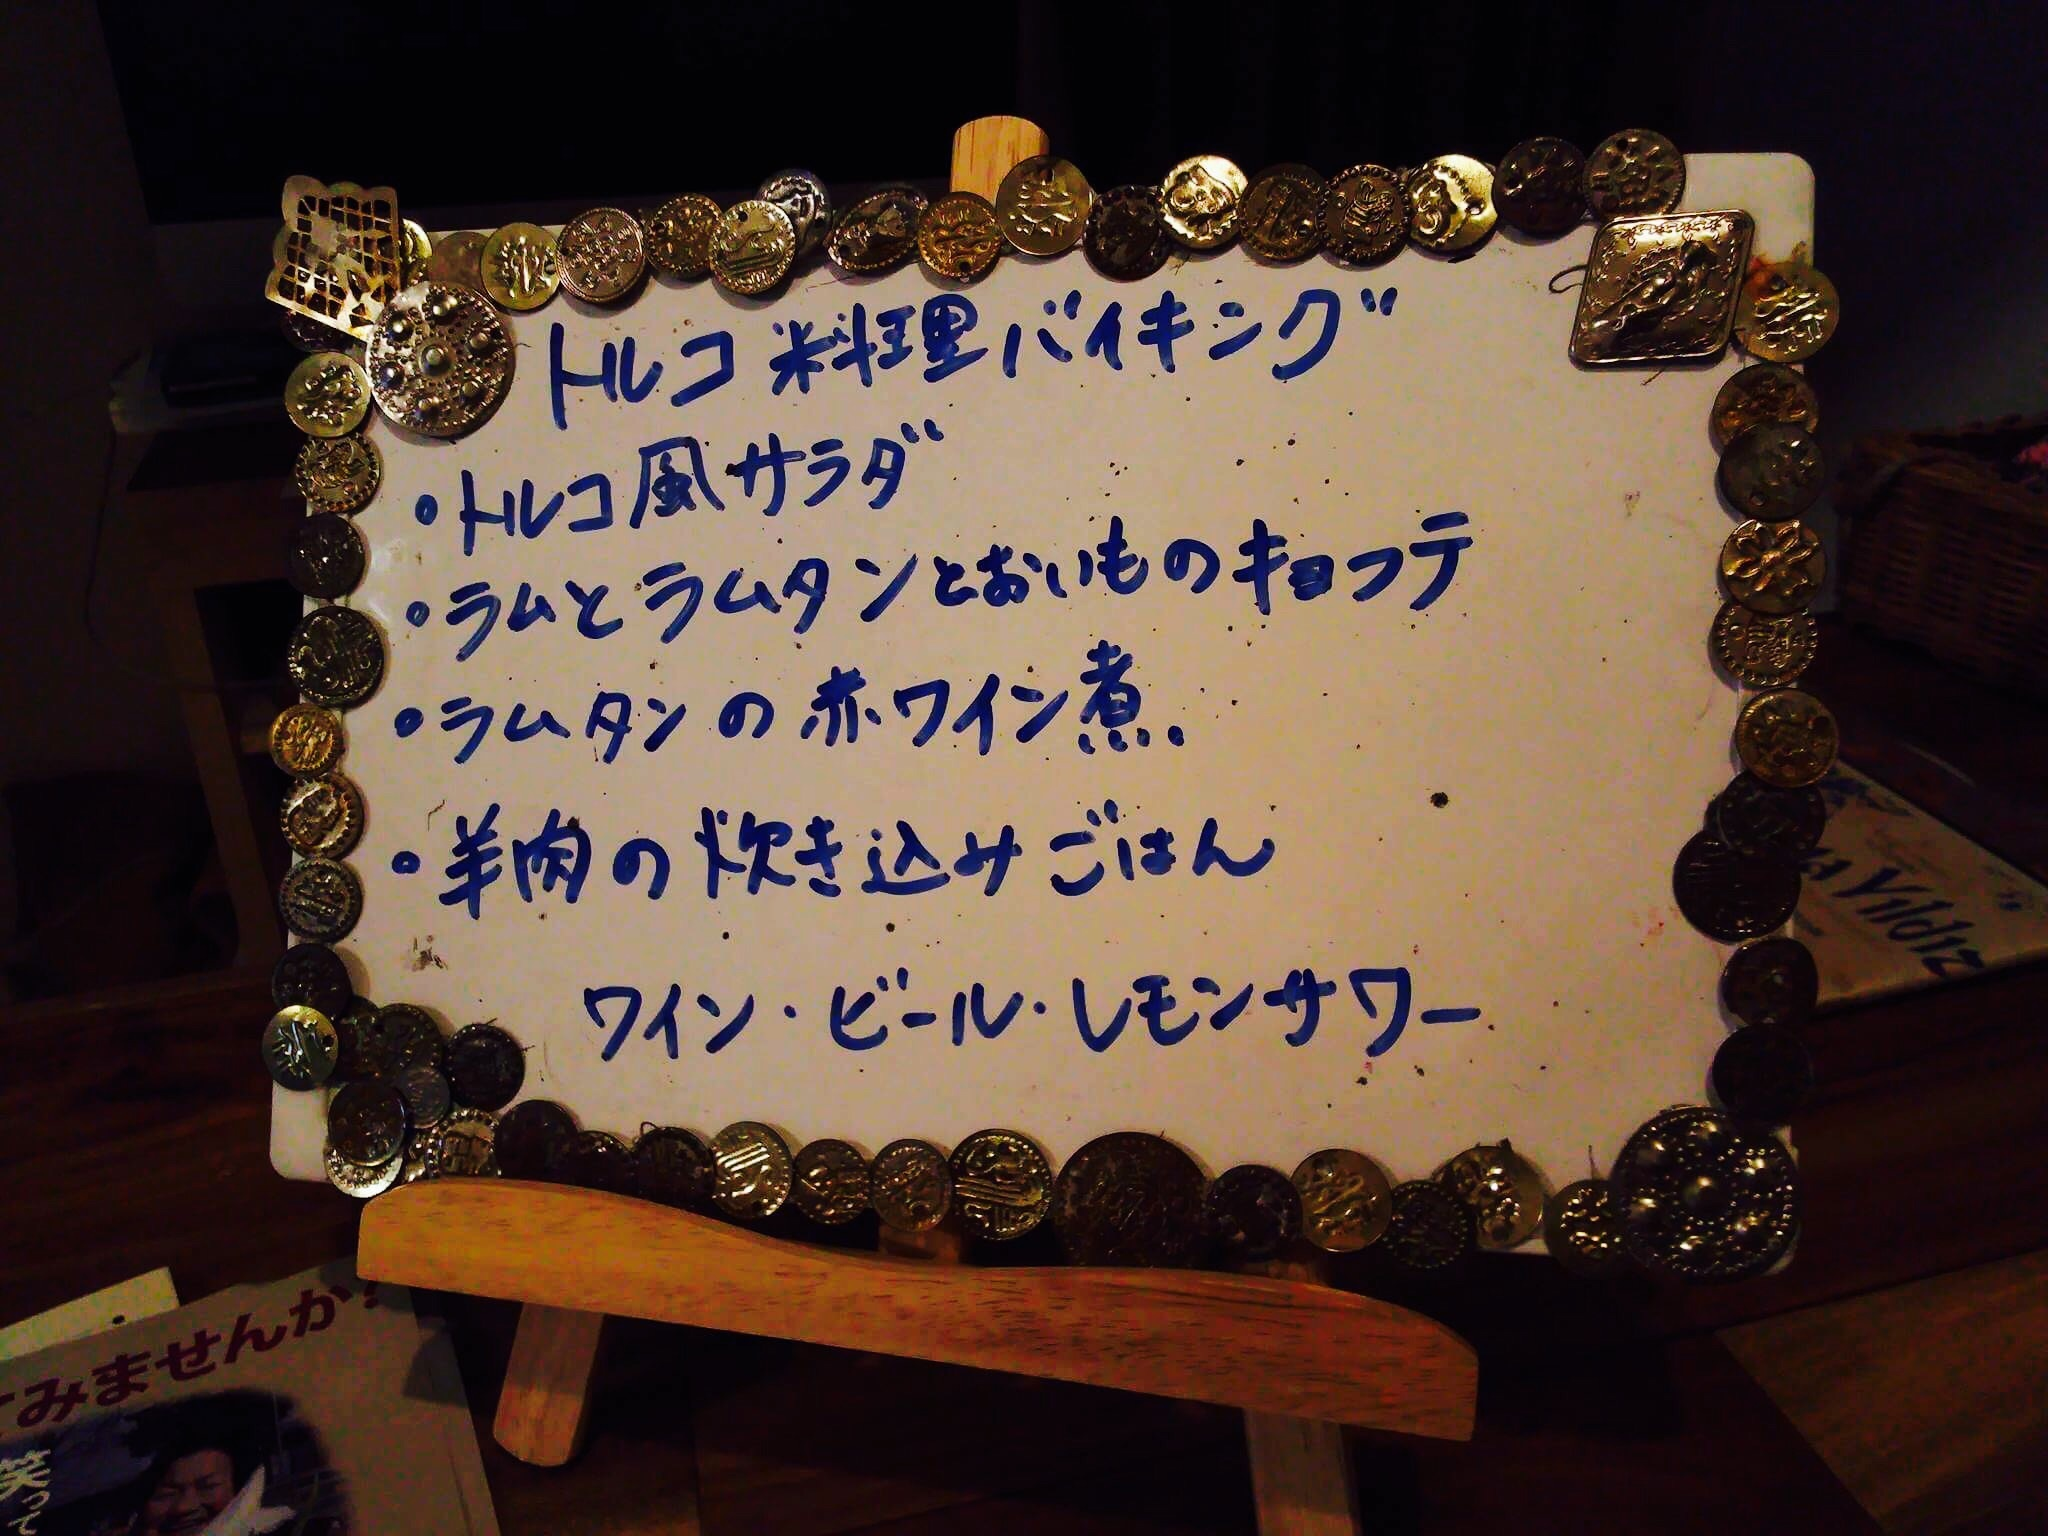 20161108104802ded.jpg